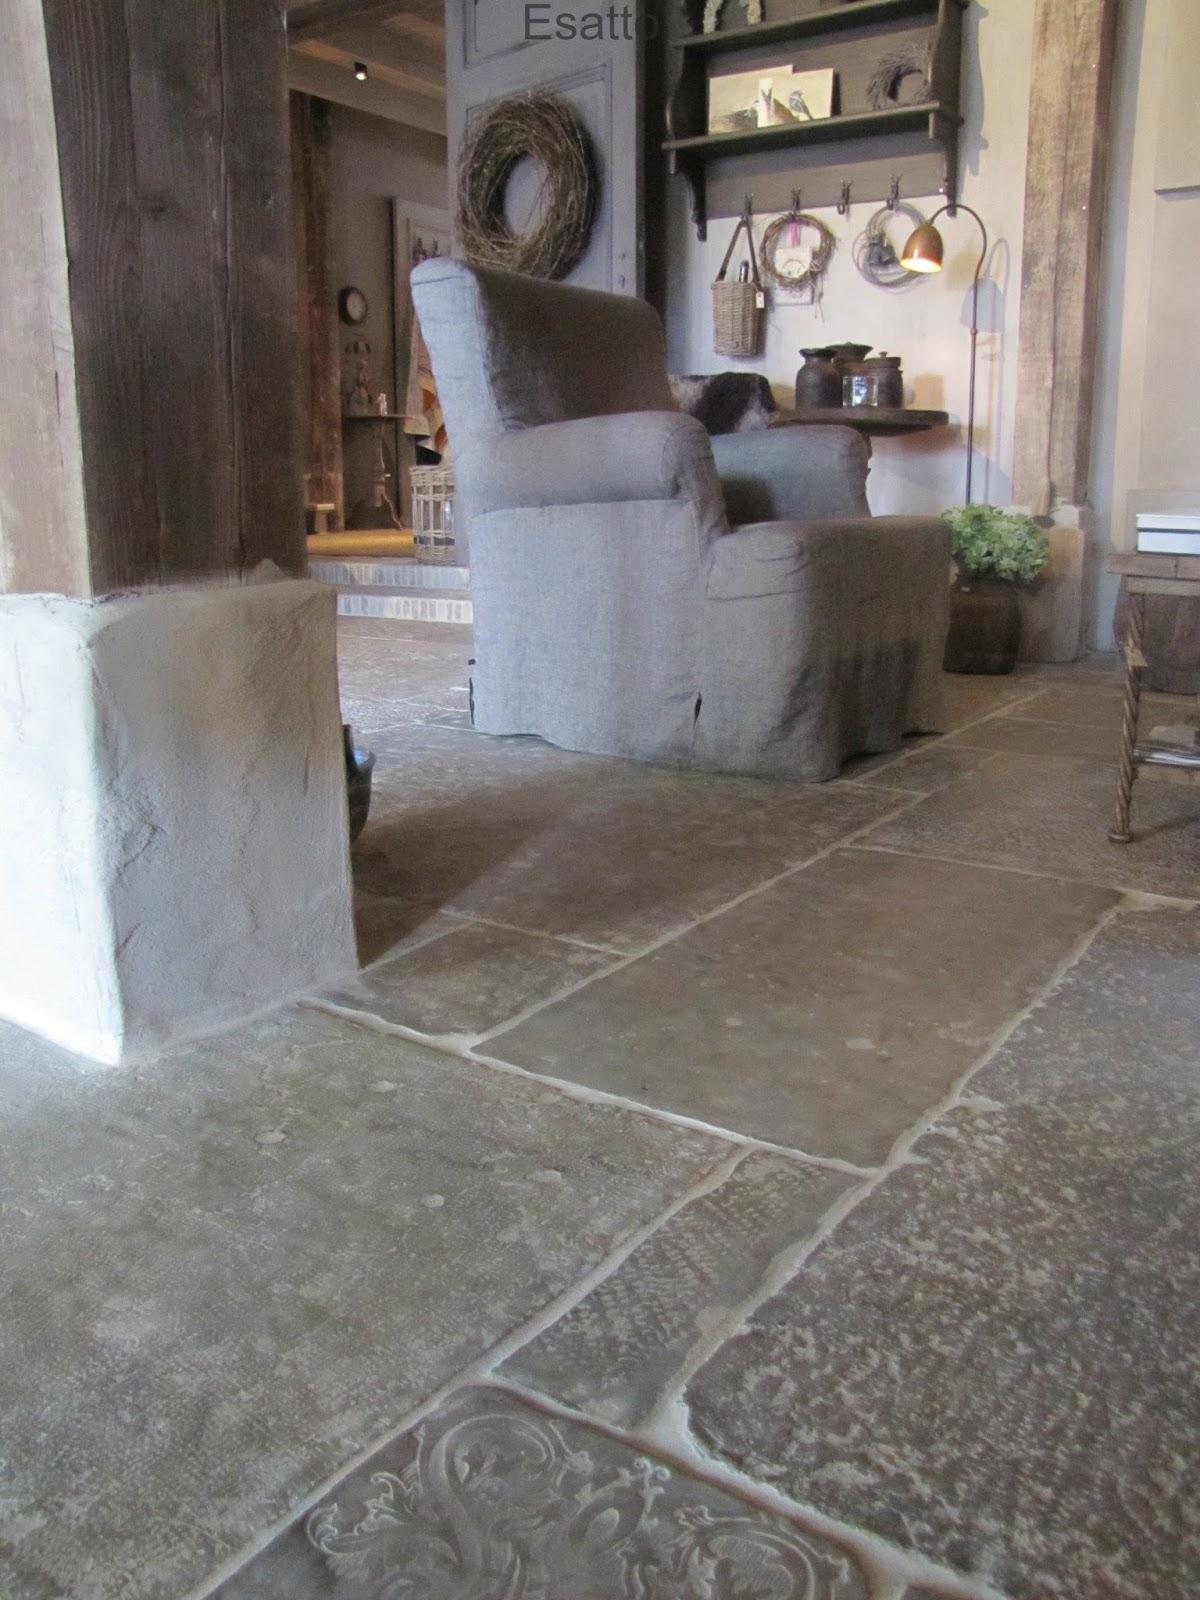 Castle Stone Floor : Esatto by ravensbergen castle stones